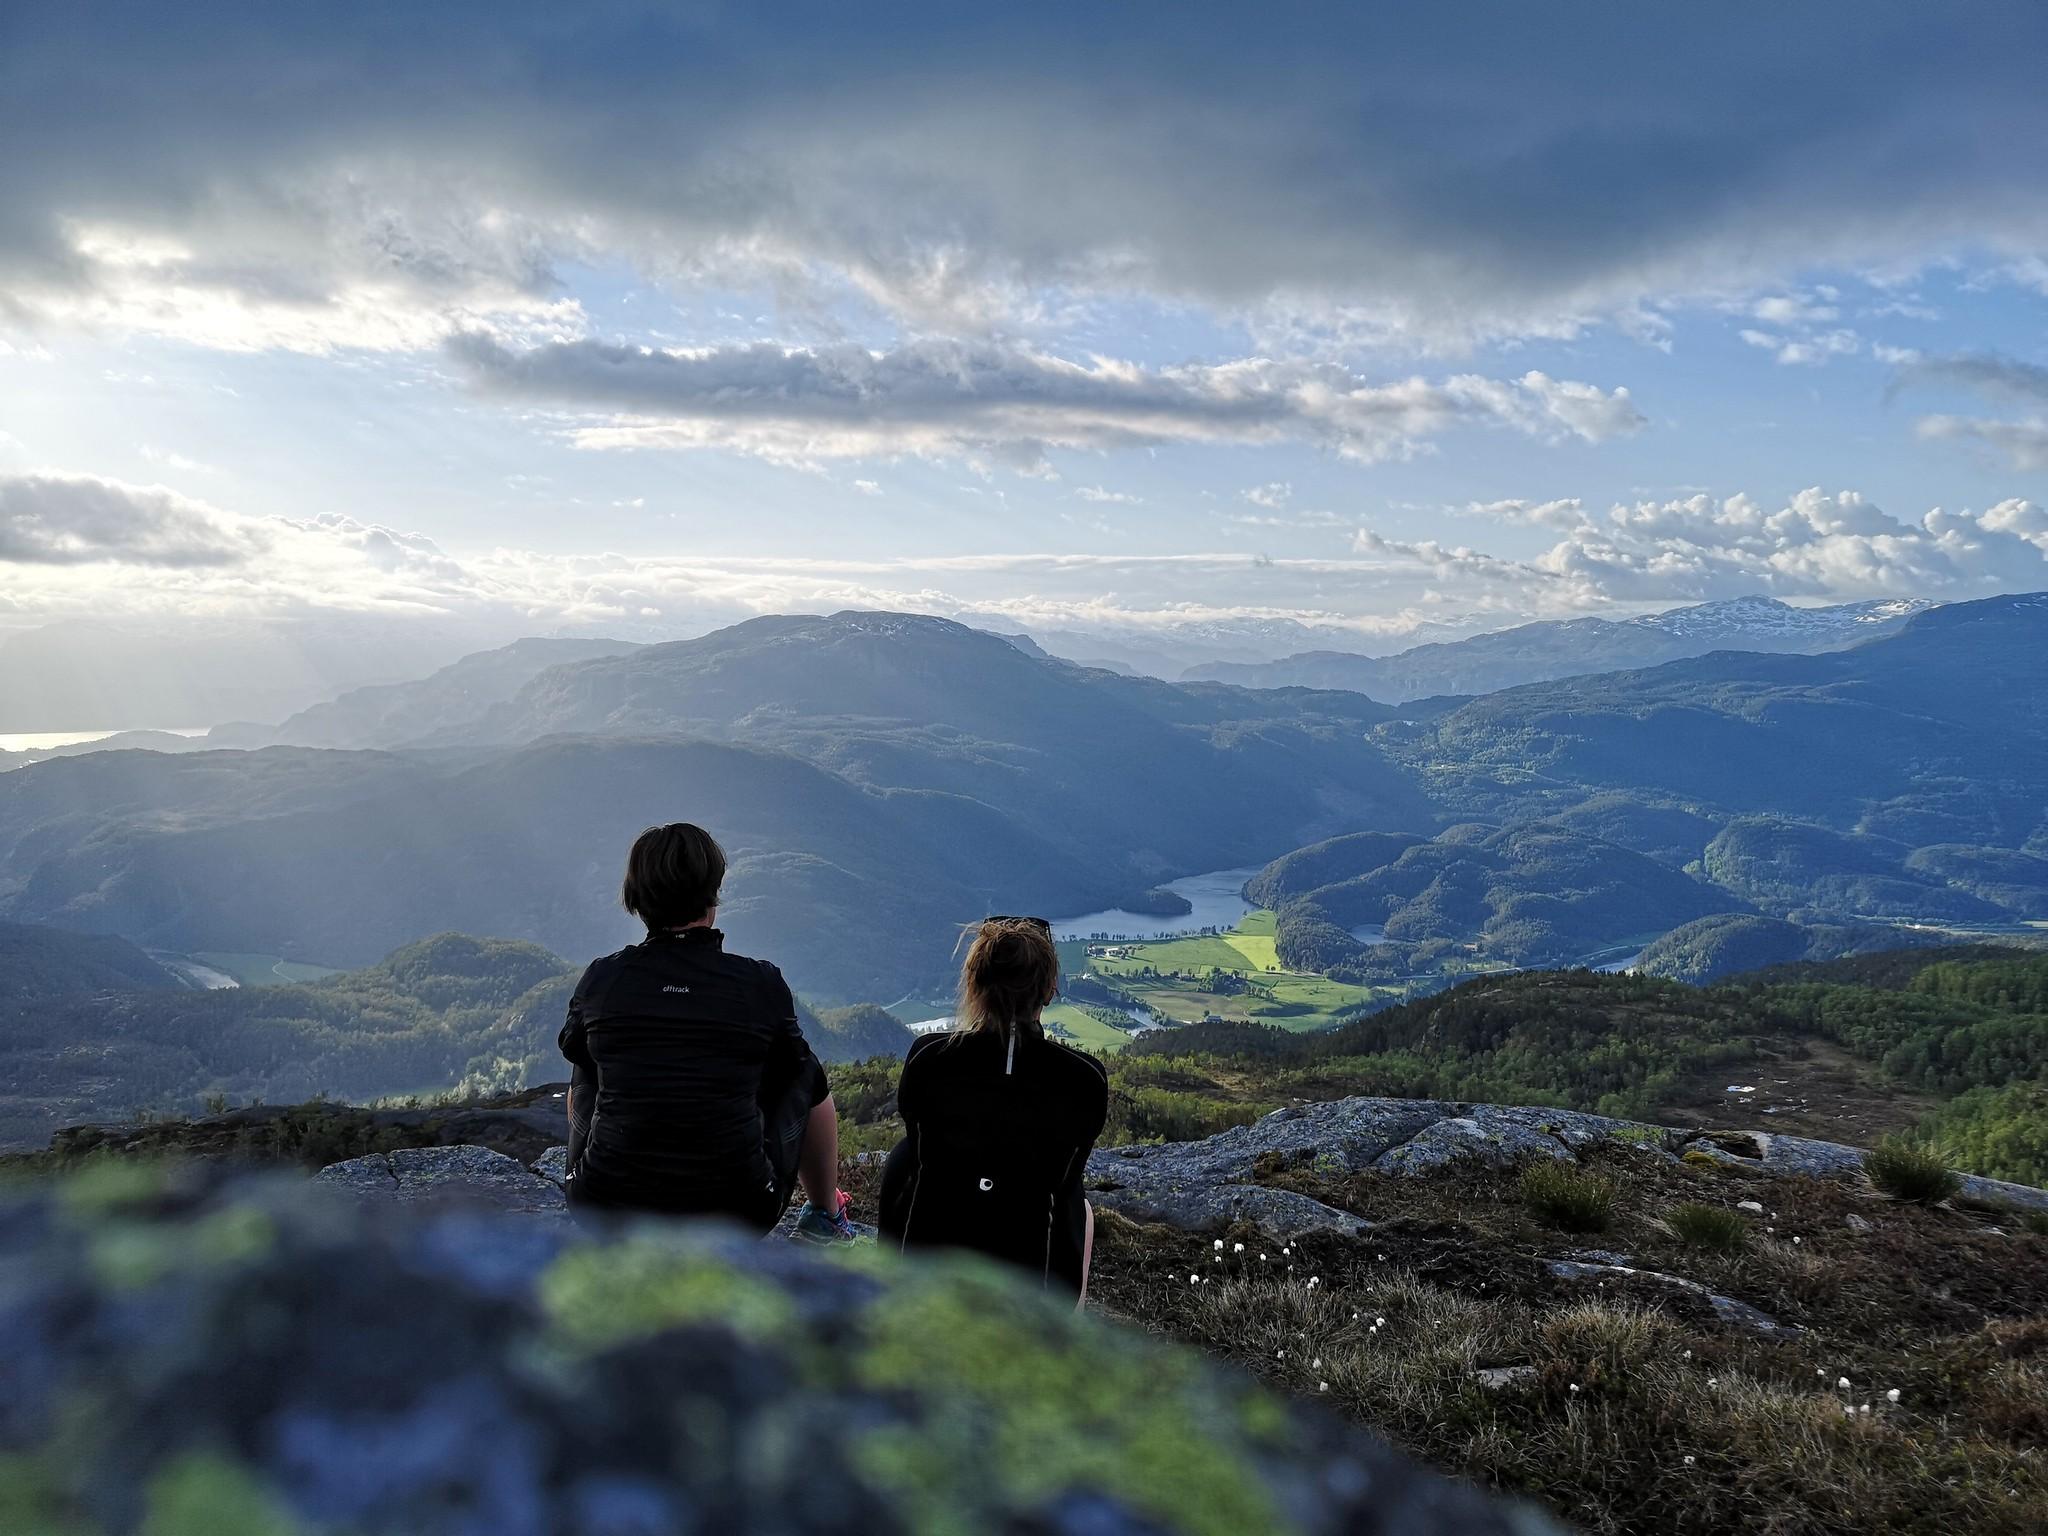 Utsikt fra fjelltopp over dalføre